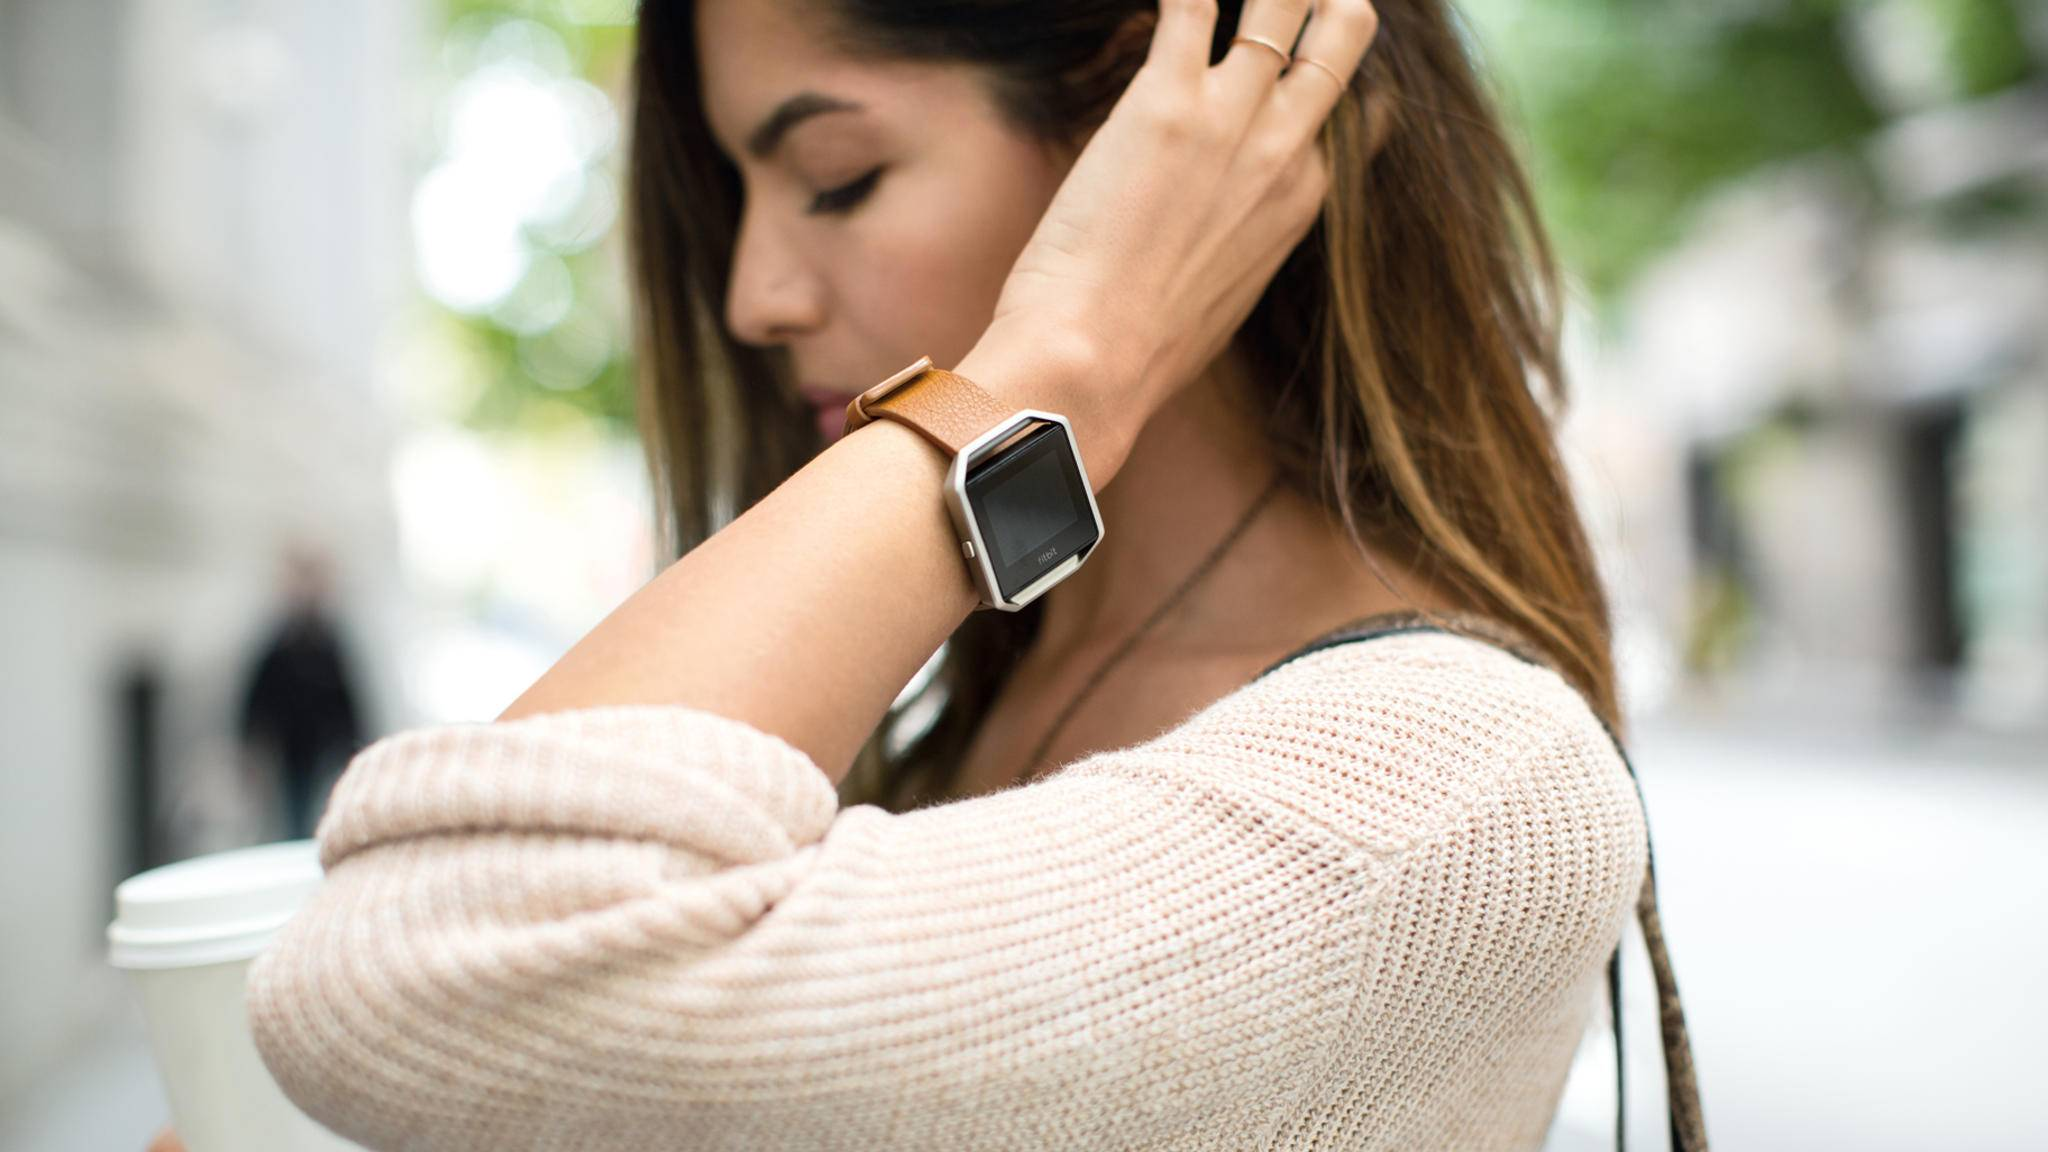 WhatsApp-Benachrichtigungen lassen sich auch auf der Fitbit Blaze anzeigen und lesen.